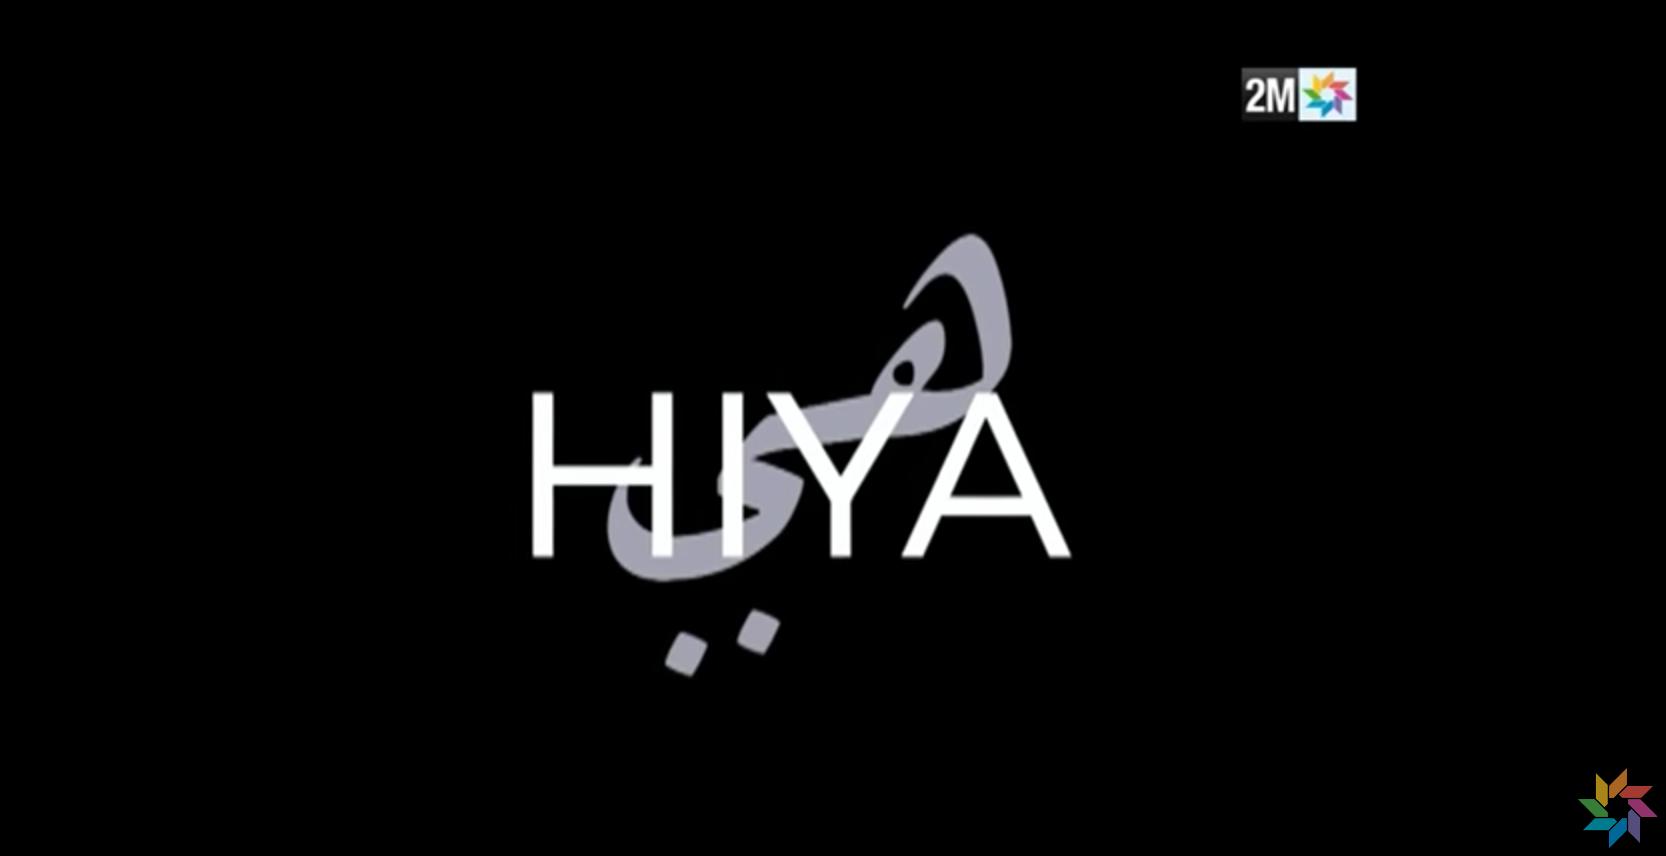 Hiya - 2M TV